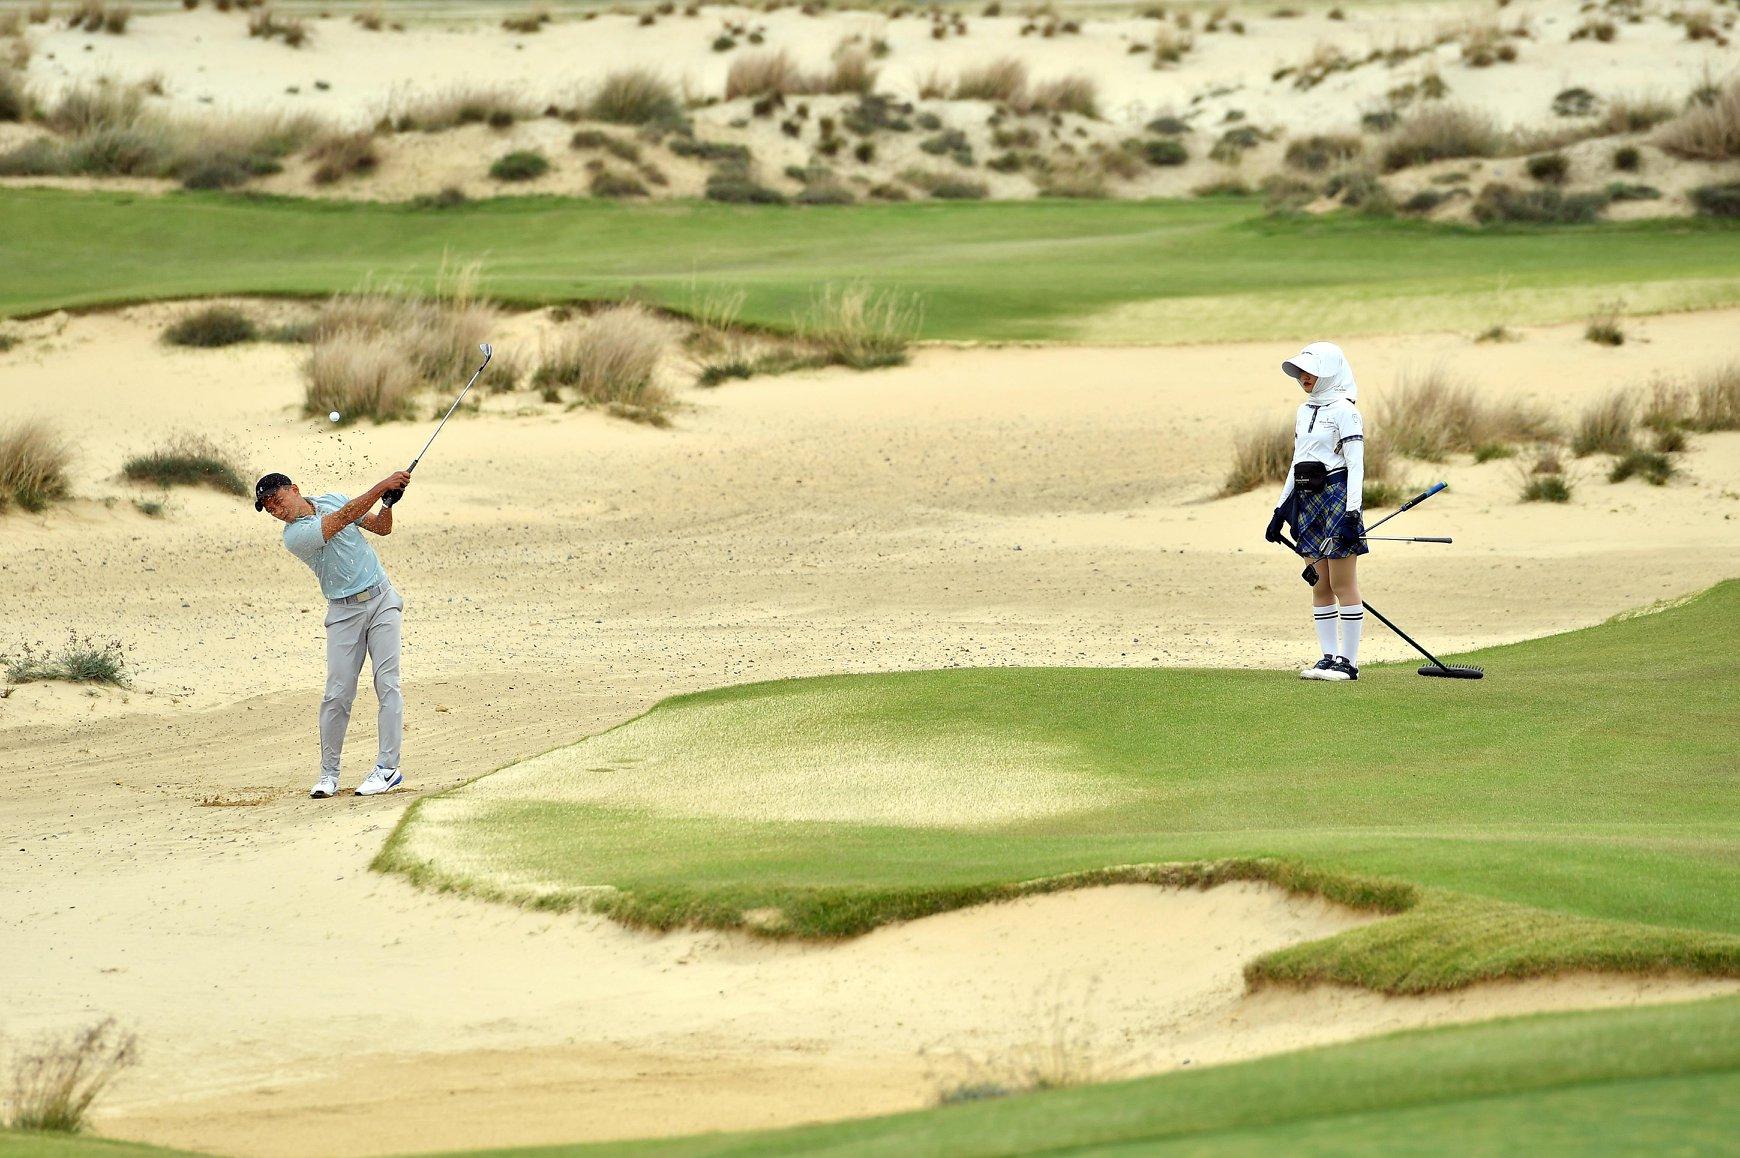 Sân golf Hoiana tại Hội An mê mẩn với những vẻ đẹp thiên nhiên nơi đây